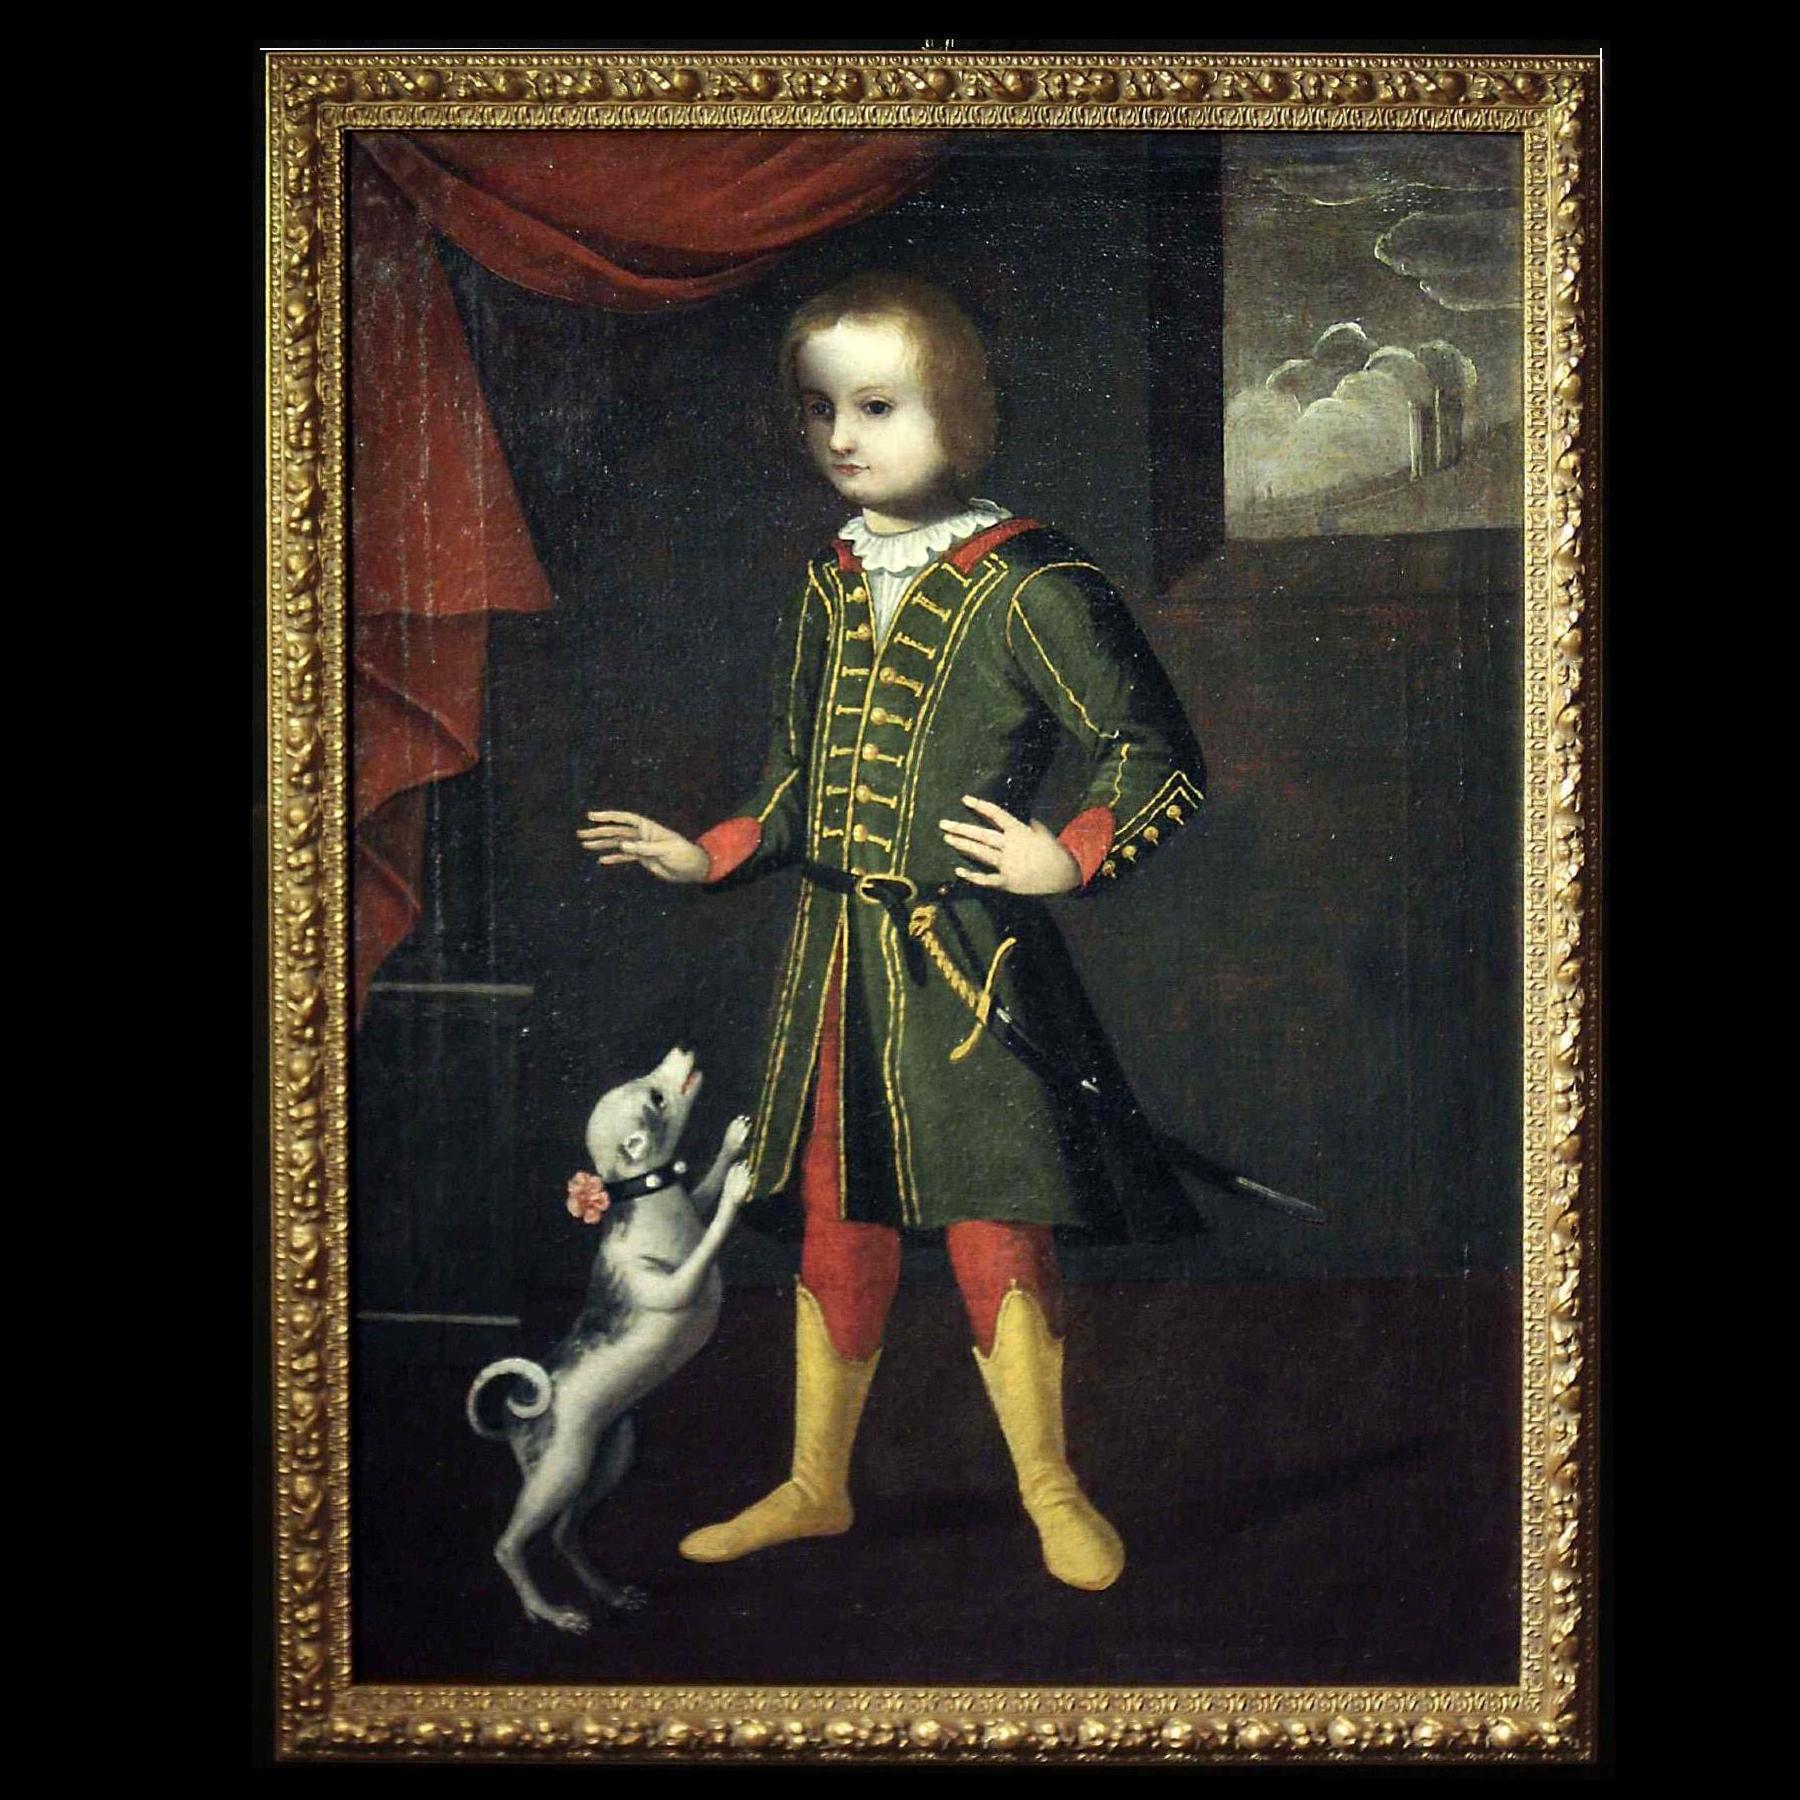 Portrait d'un enfant avec un chien, Vénétie, 17ème siècle